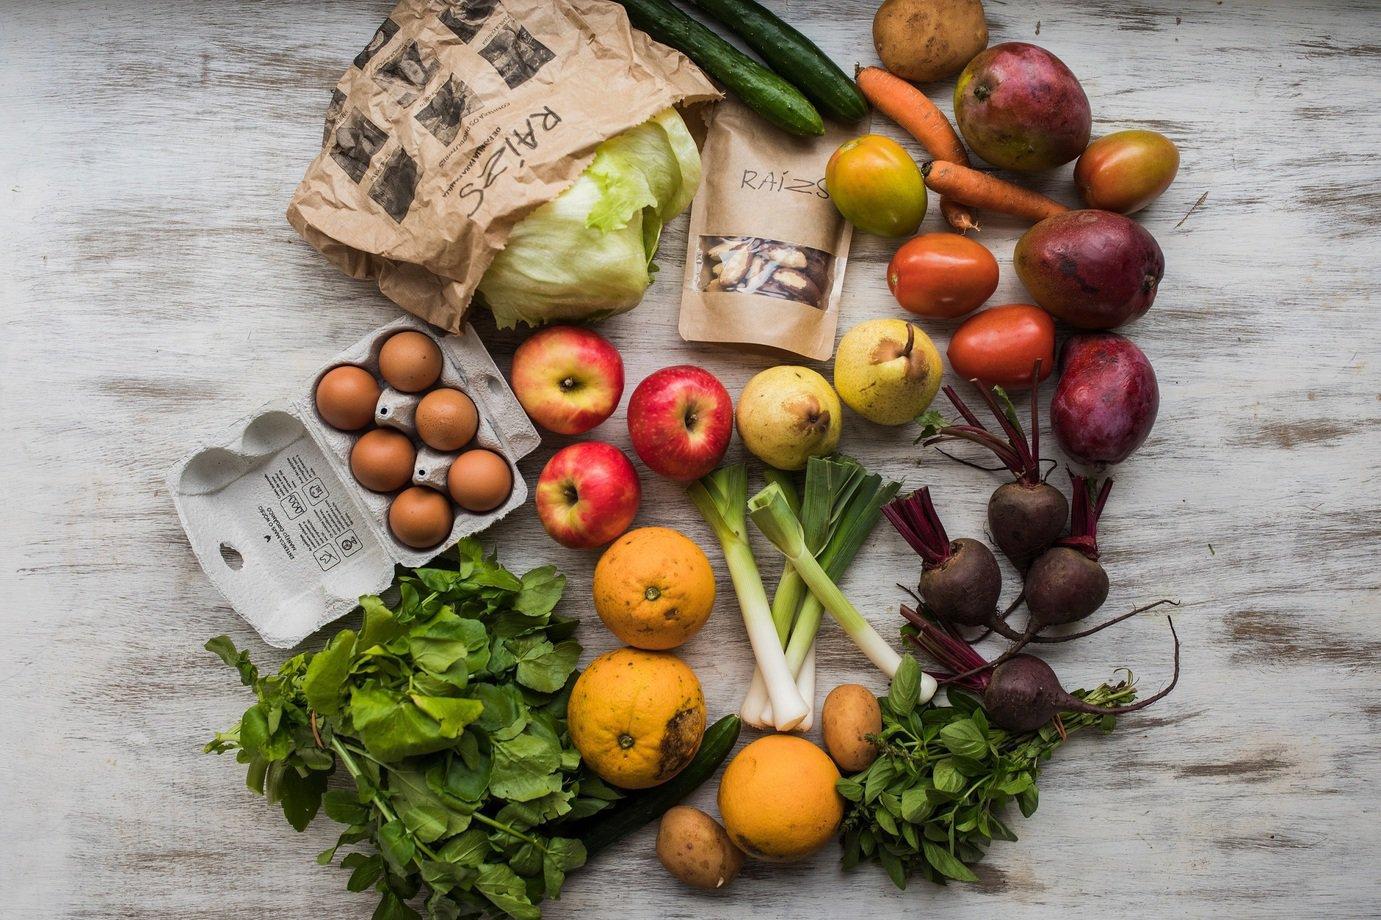 Com delivery de frutas e legumes, empresa cresce cinco vezes na quarentena  | Exame